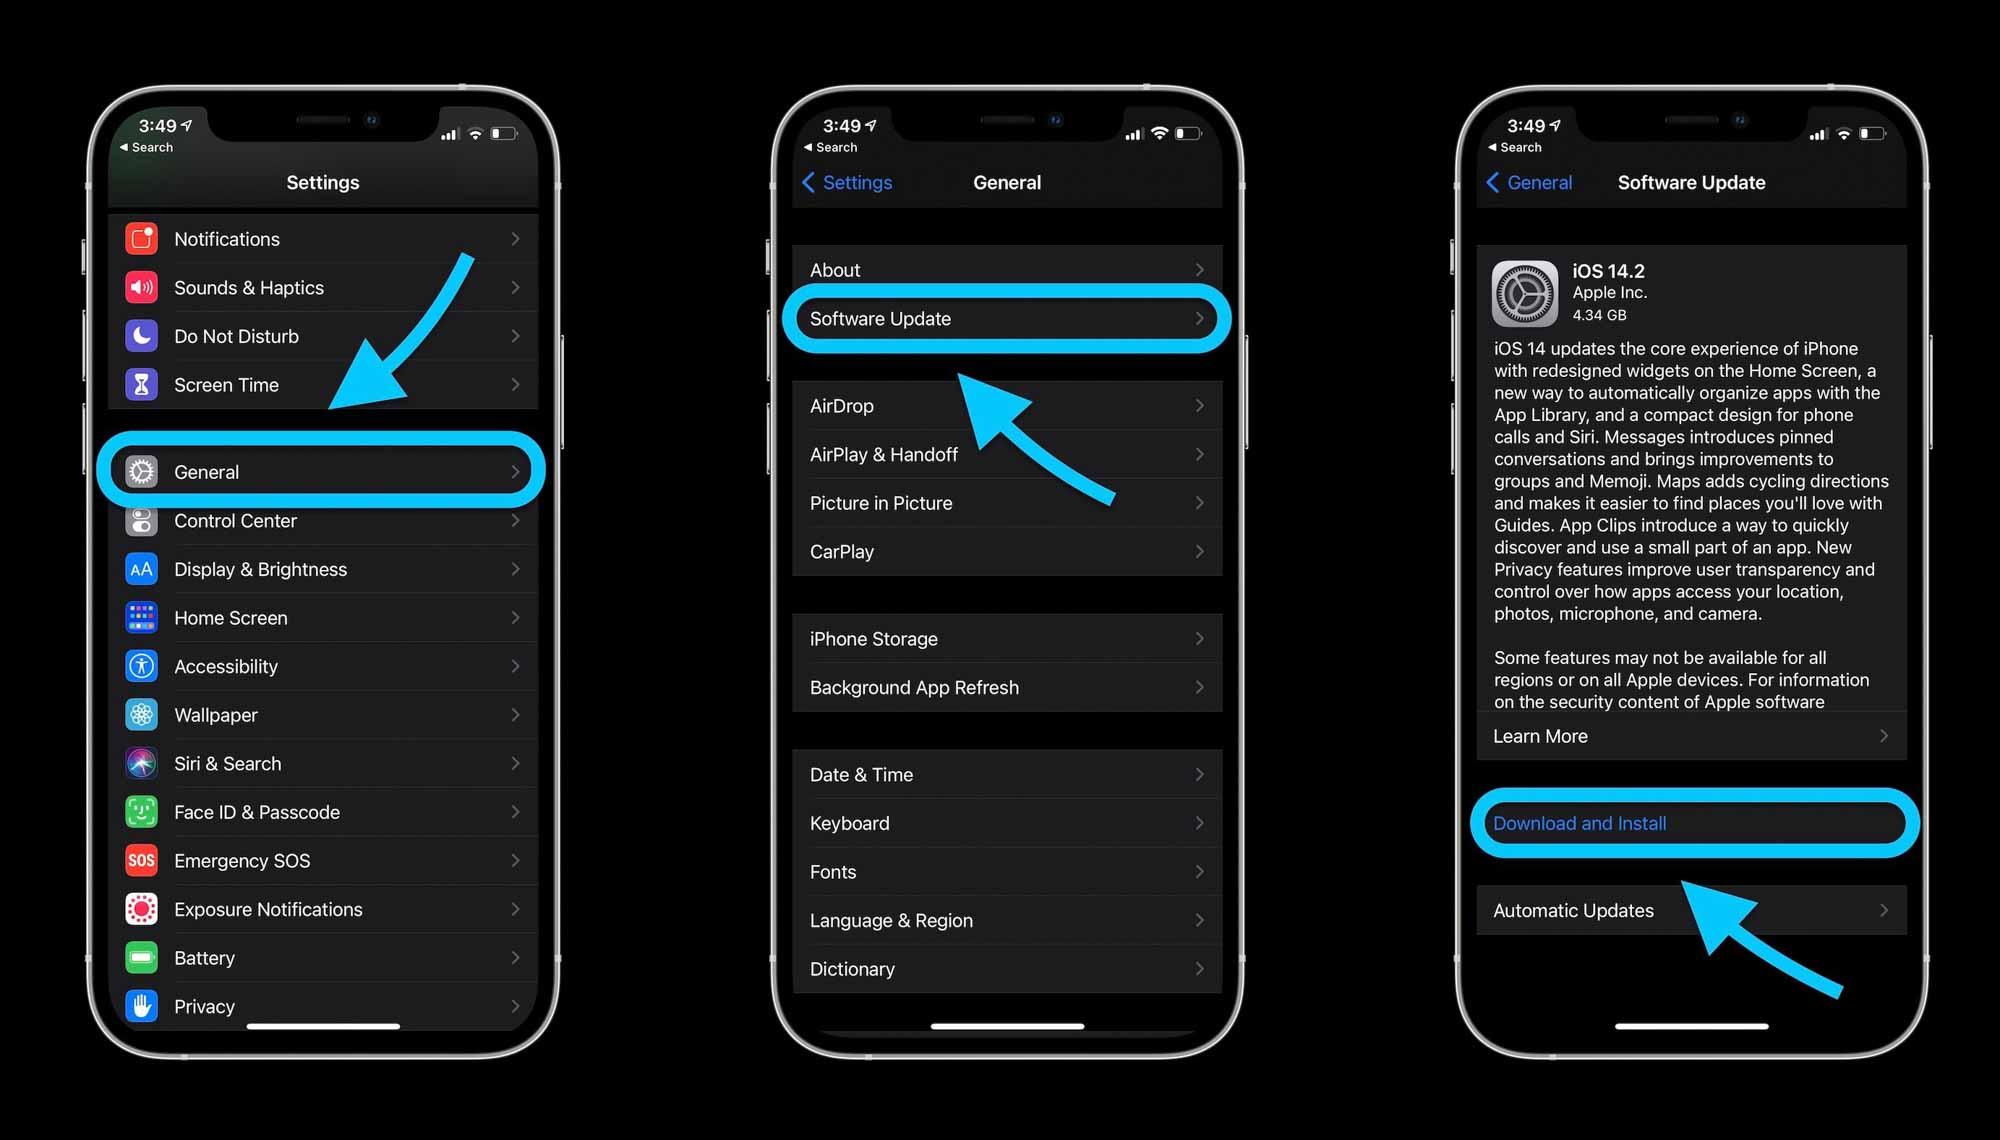 Как получить новые смайлы для iPhone с iOS 14.2, пошаговое руководство 2